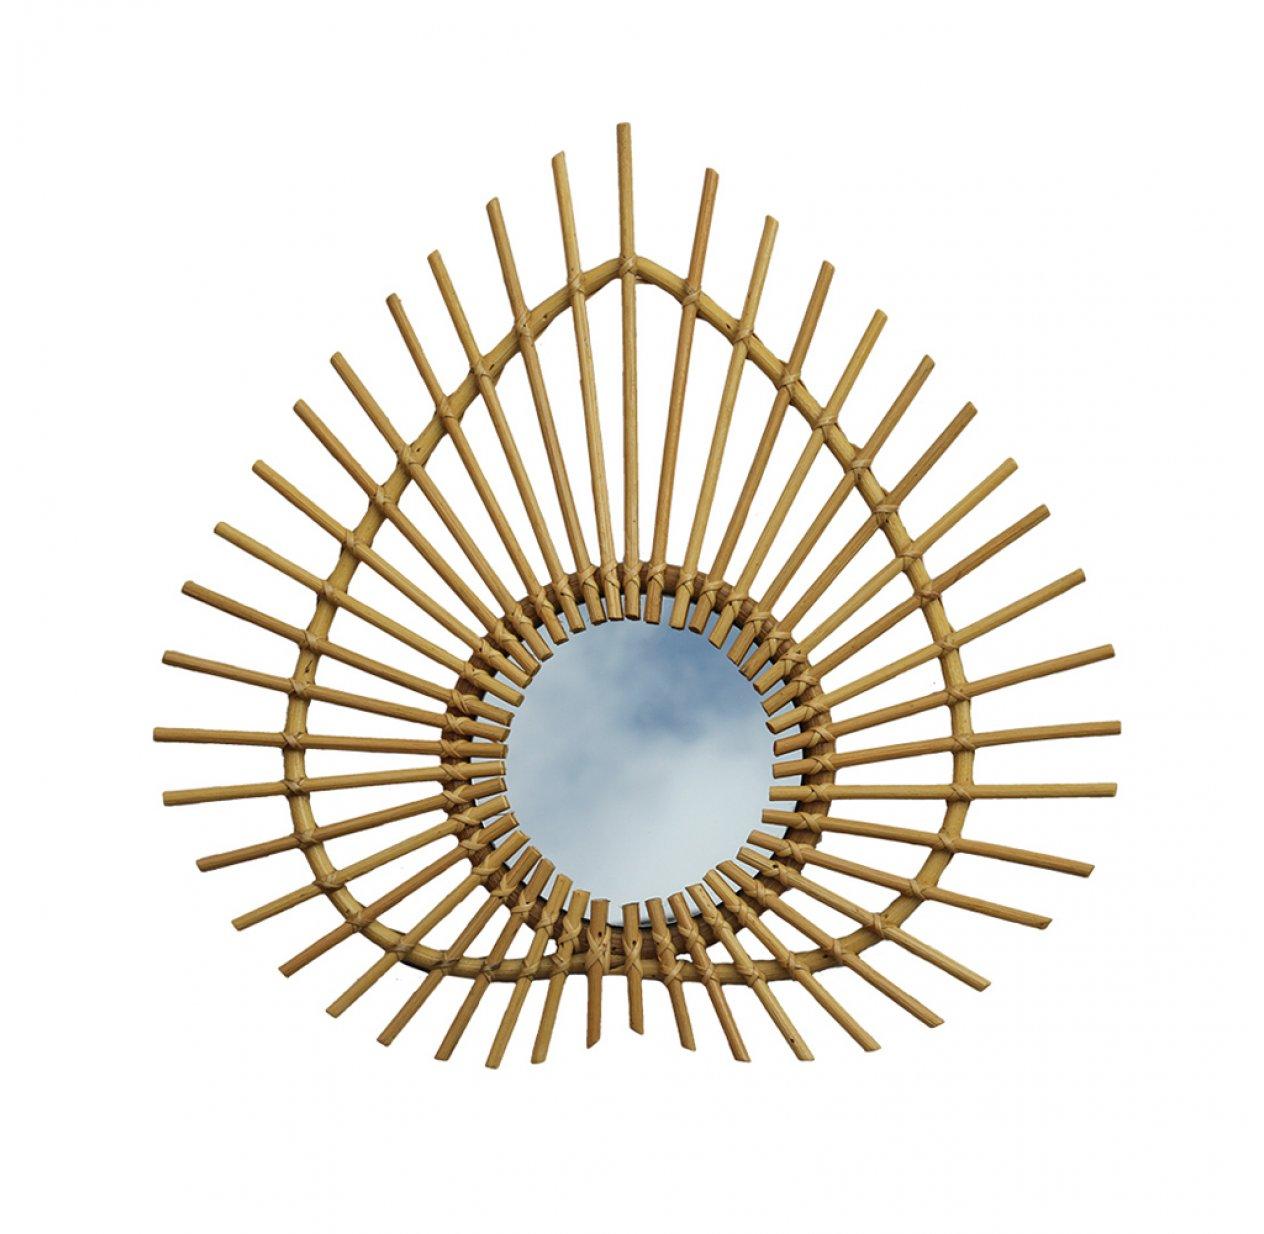 miroir rotin waterlilly style boh me chic dans la chambre des enfants. Black Bedroom Furniture Sets. Home Design Ideas